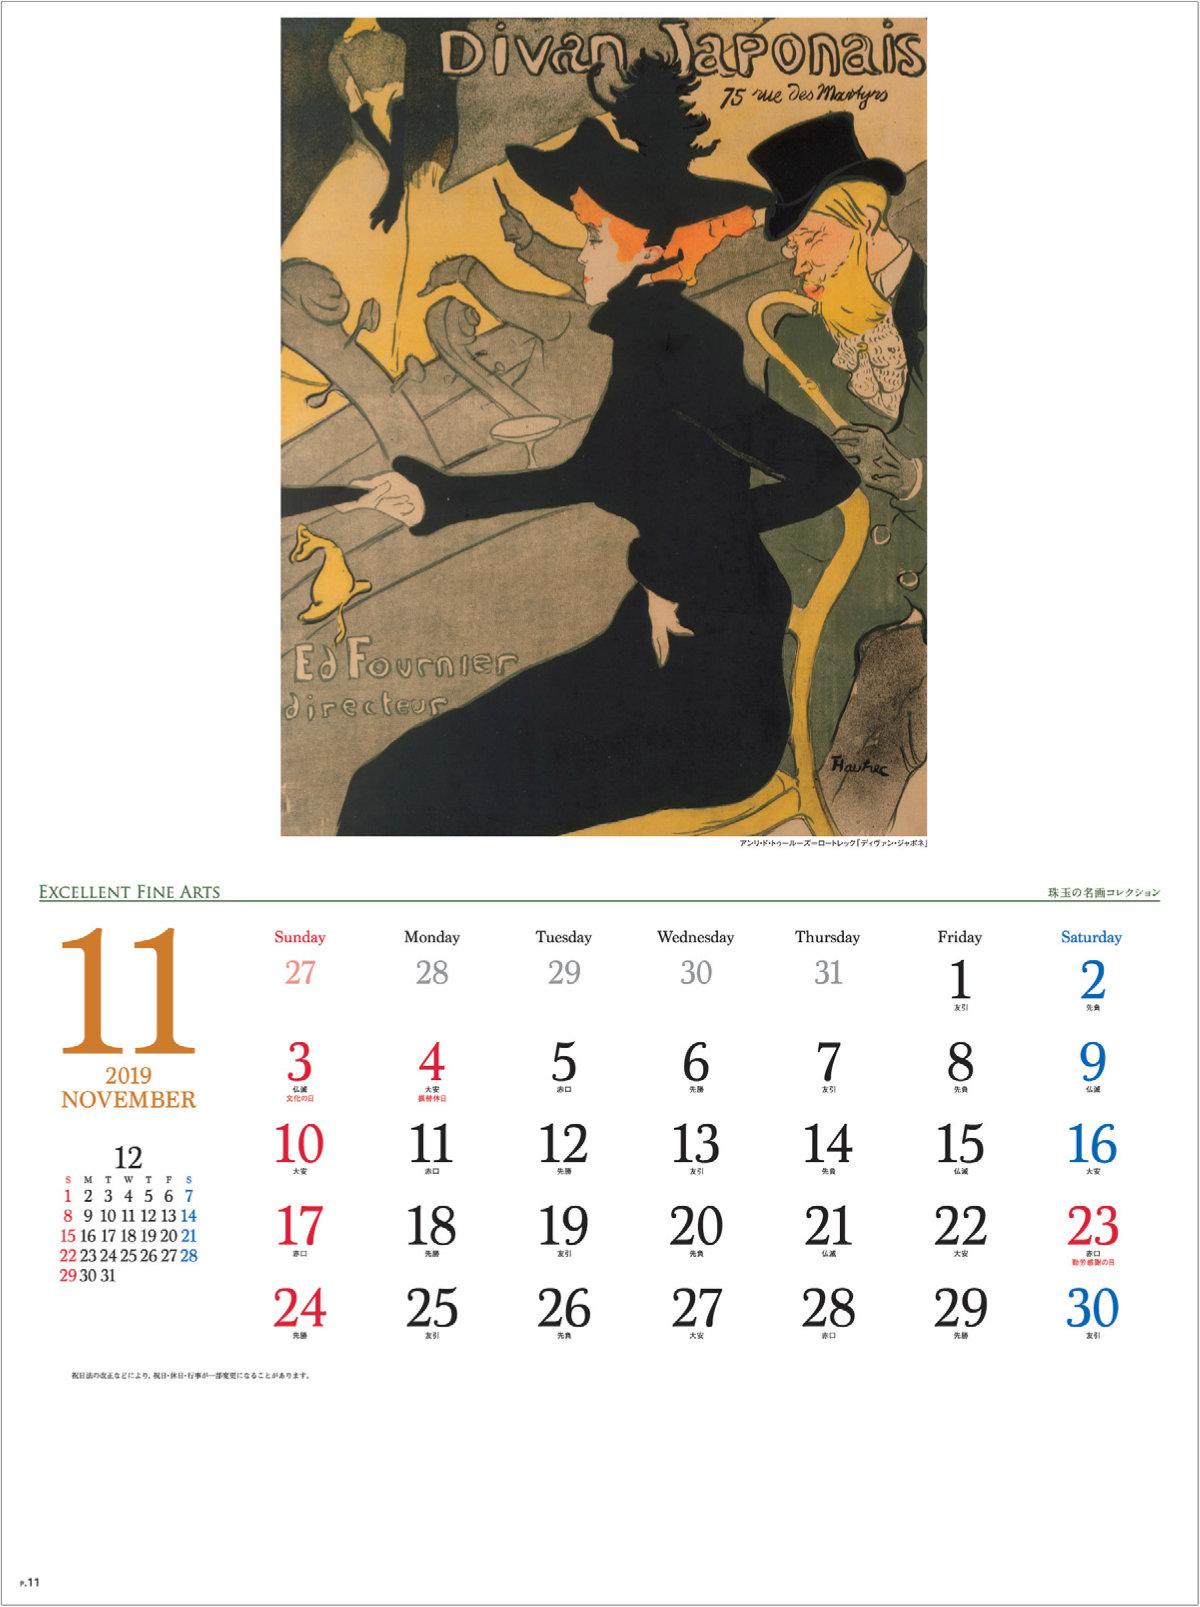 画像:アンリ・ド・トゥーズ=ロートレック「ディヴァン・ジャポネ」 珠玉の名画コレクション 2019年カレンダー